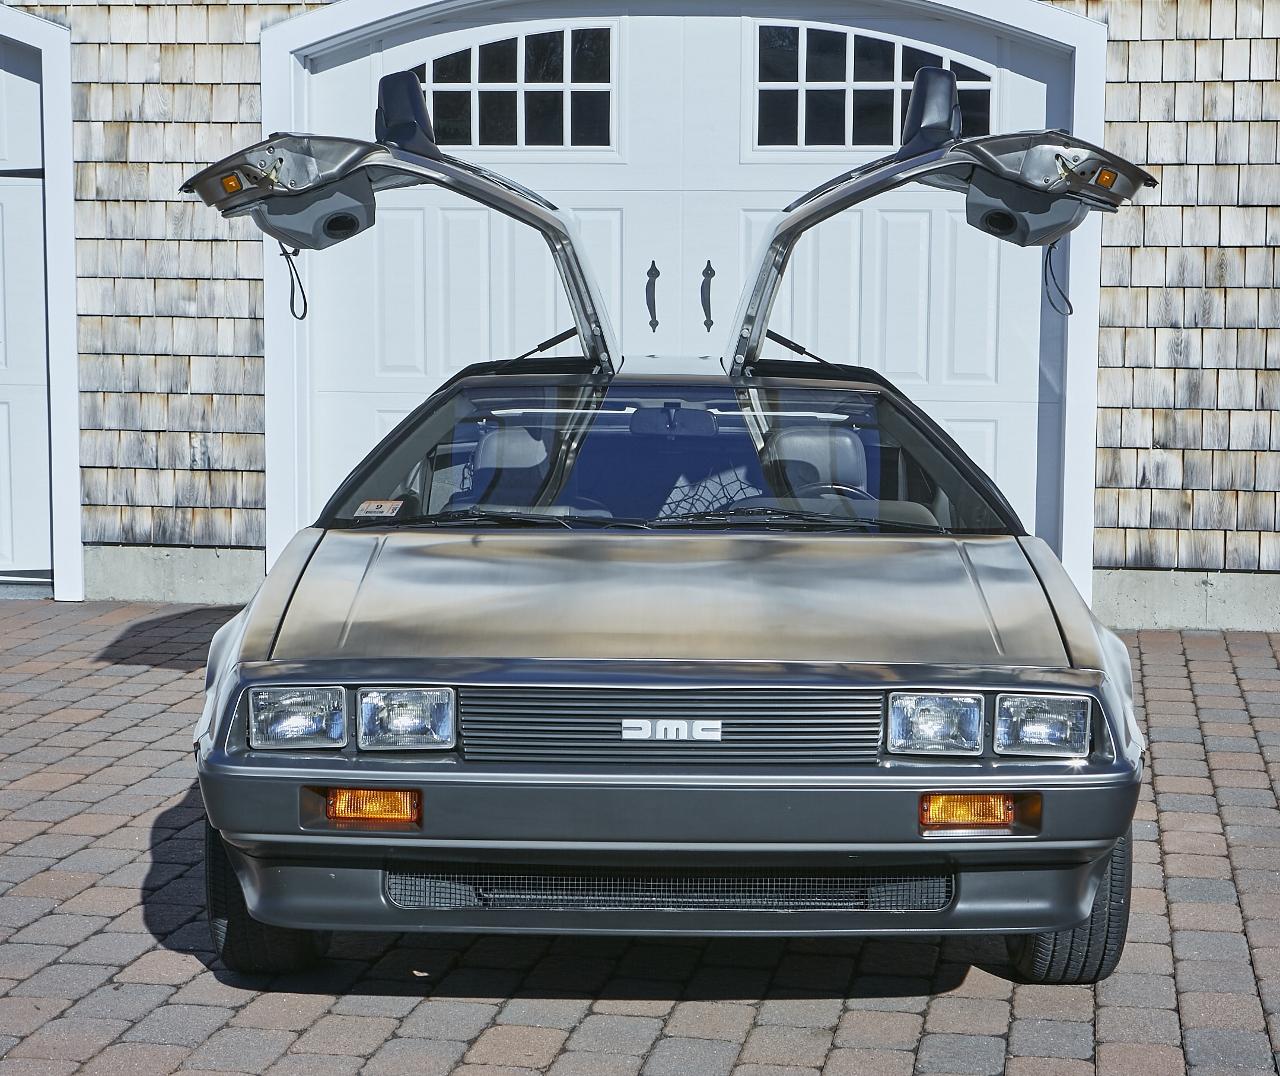 1981 DeLorean DMC-12 5-Speed front doors up